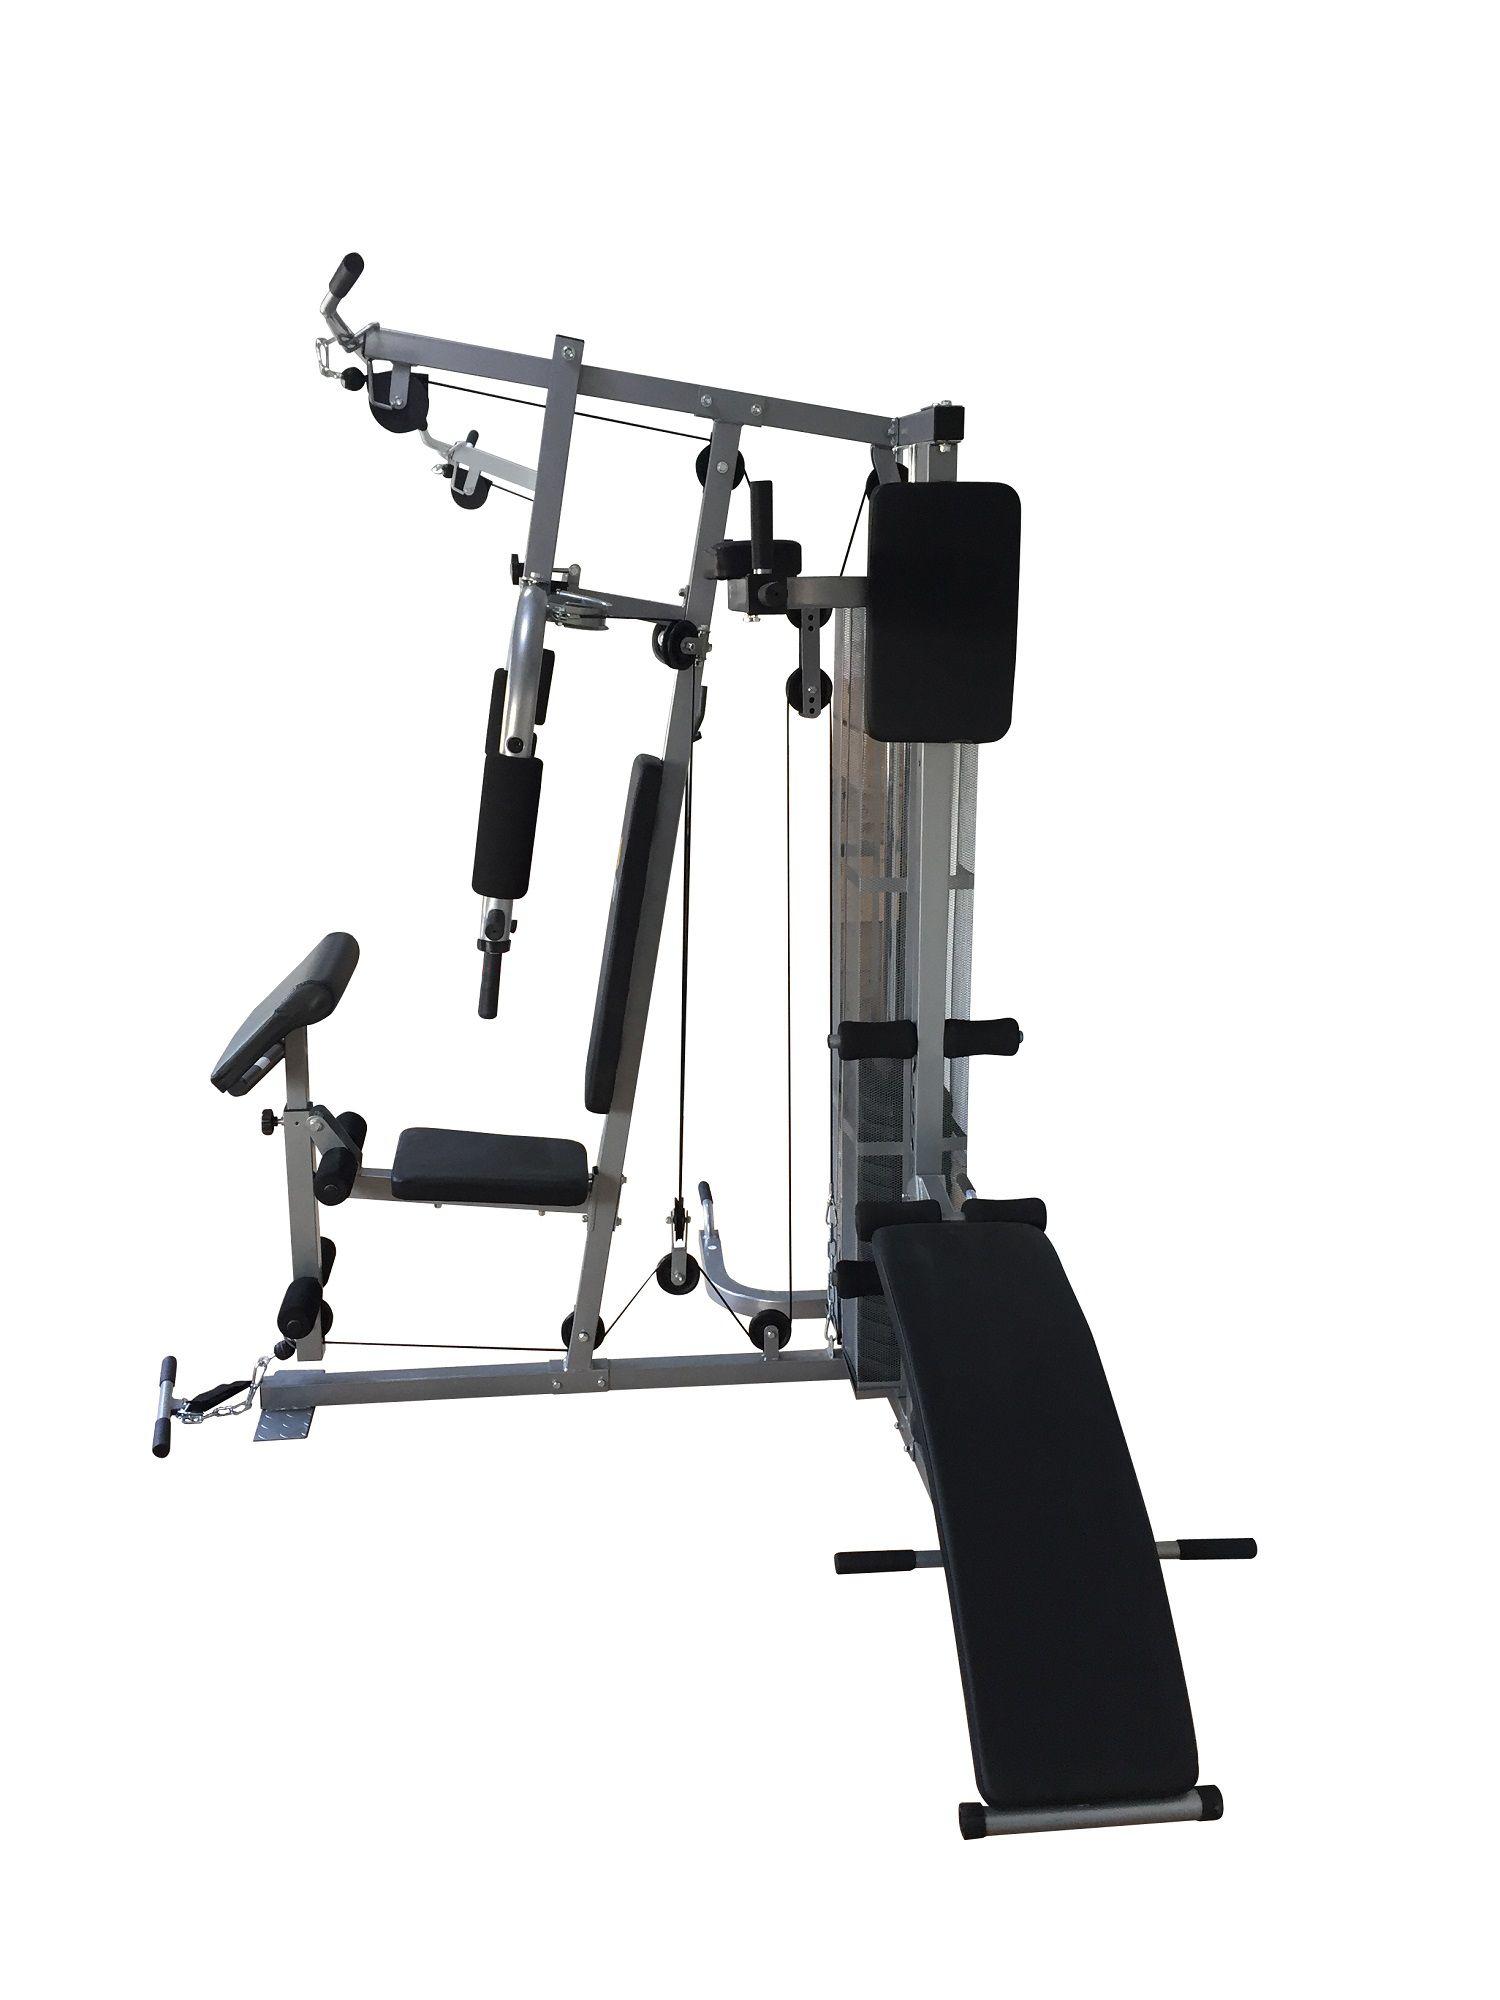 Estação de Musculação Pelegrin PEL-FIT31 11 em 1 com 68kg